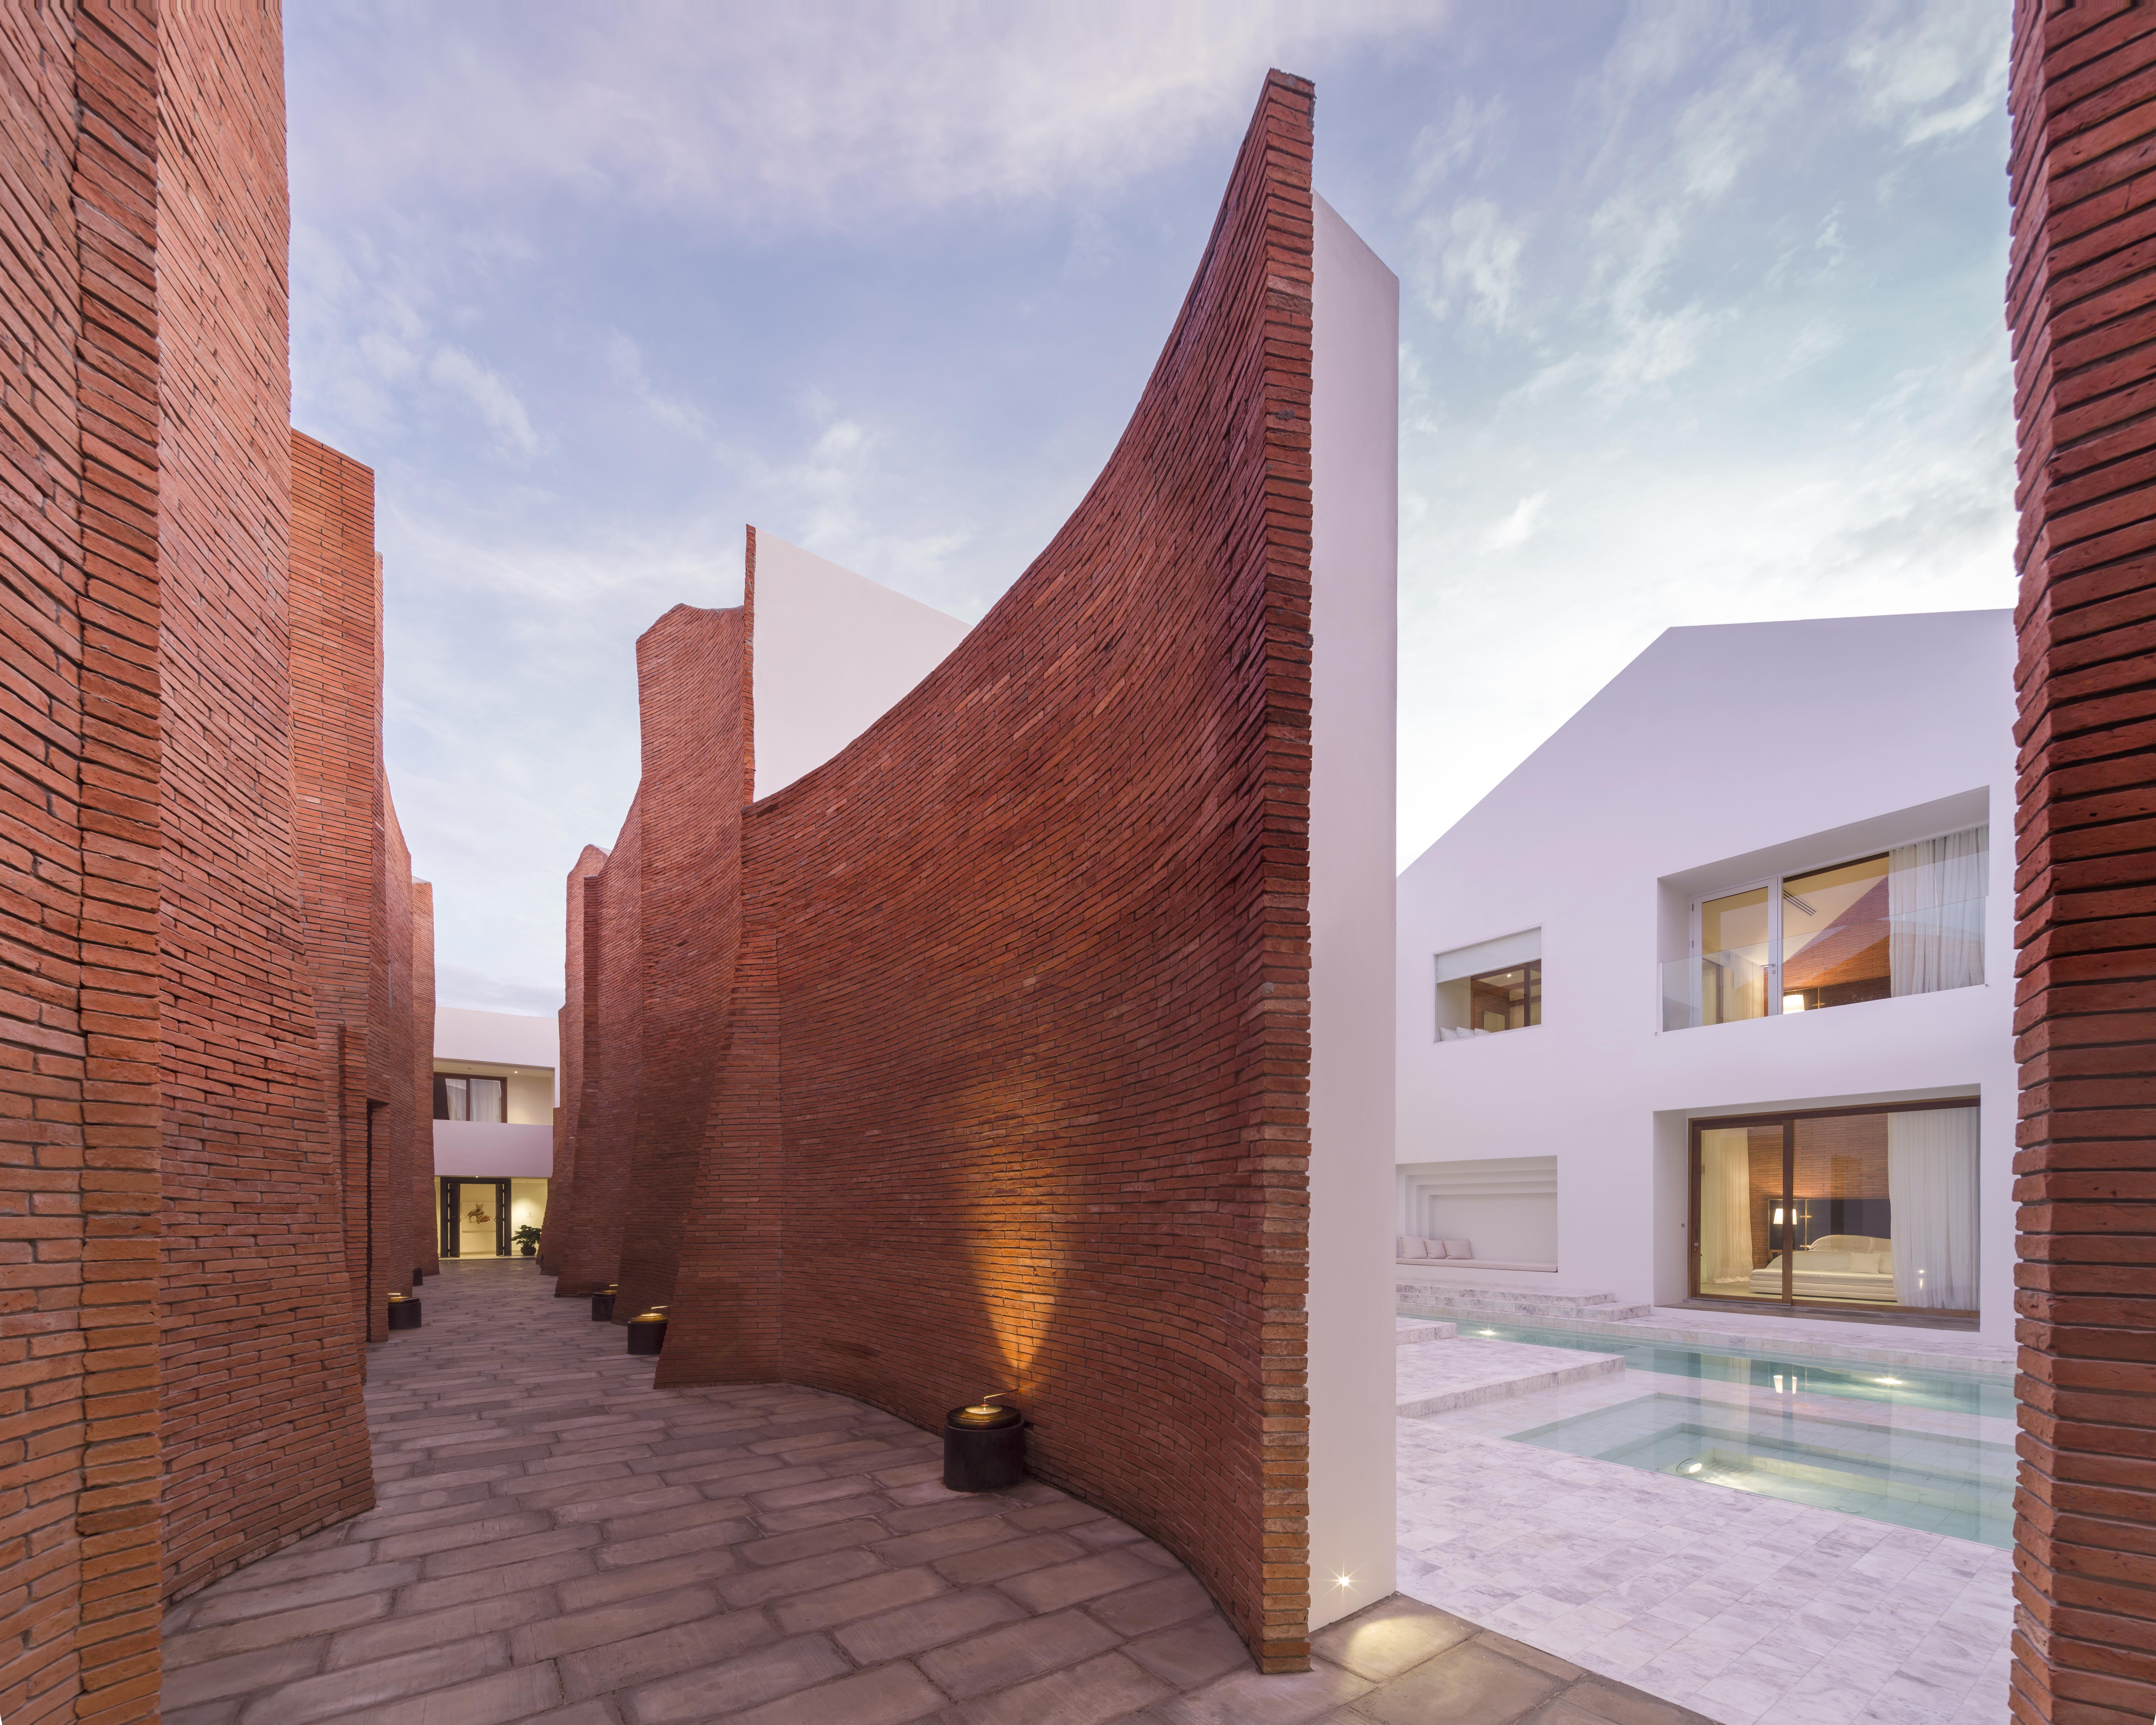 〔안정원의 디자인 칼럼〕 빛과 그림자, 시간의 다양성을 느낄 수 있는 다이내믹한 호텔공간1